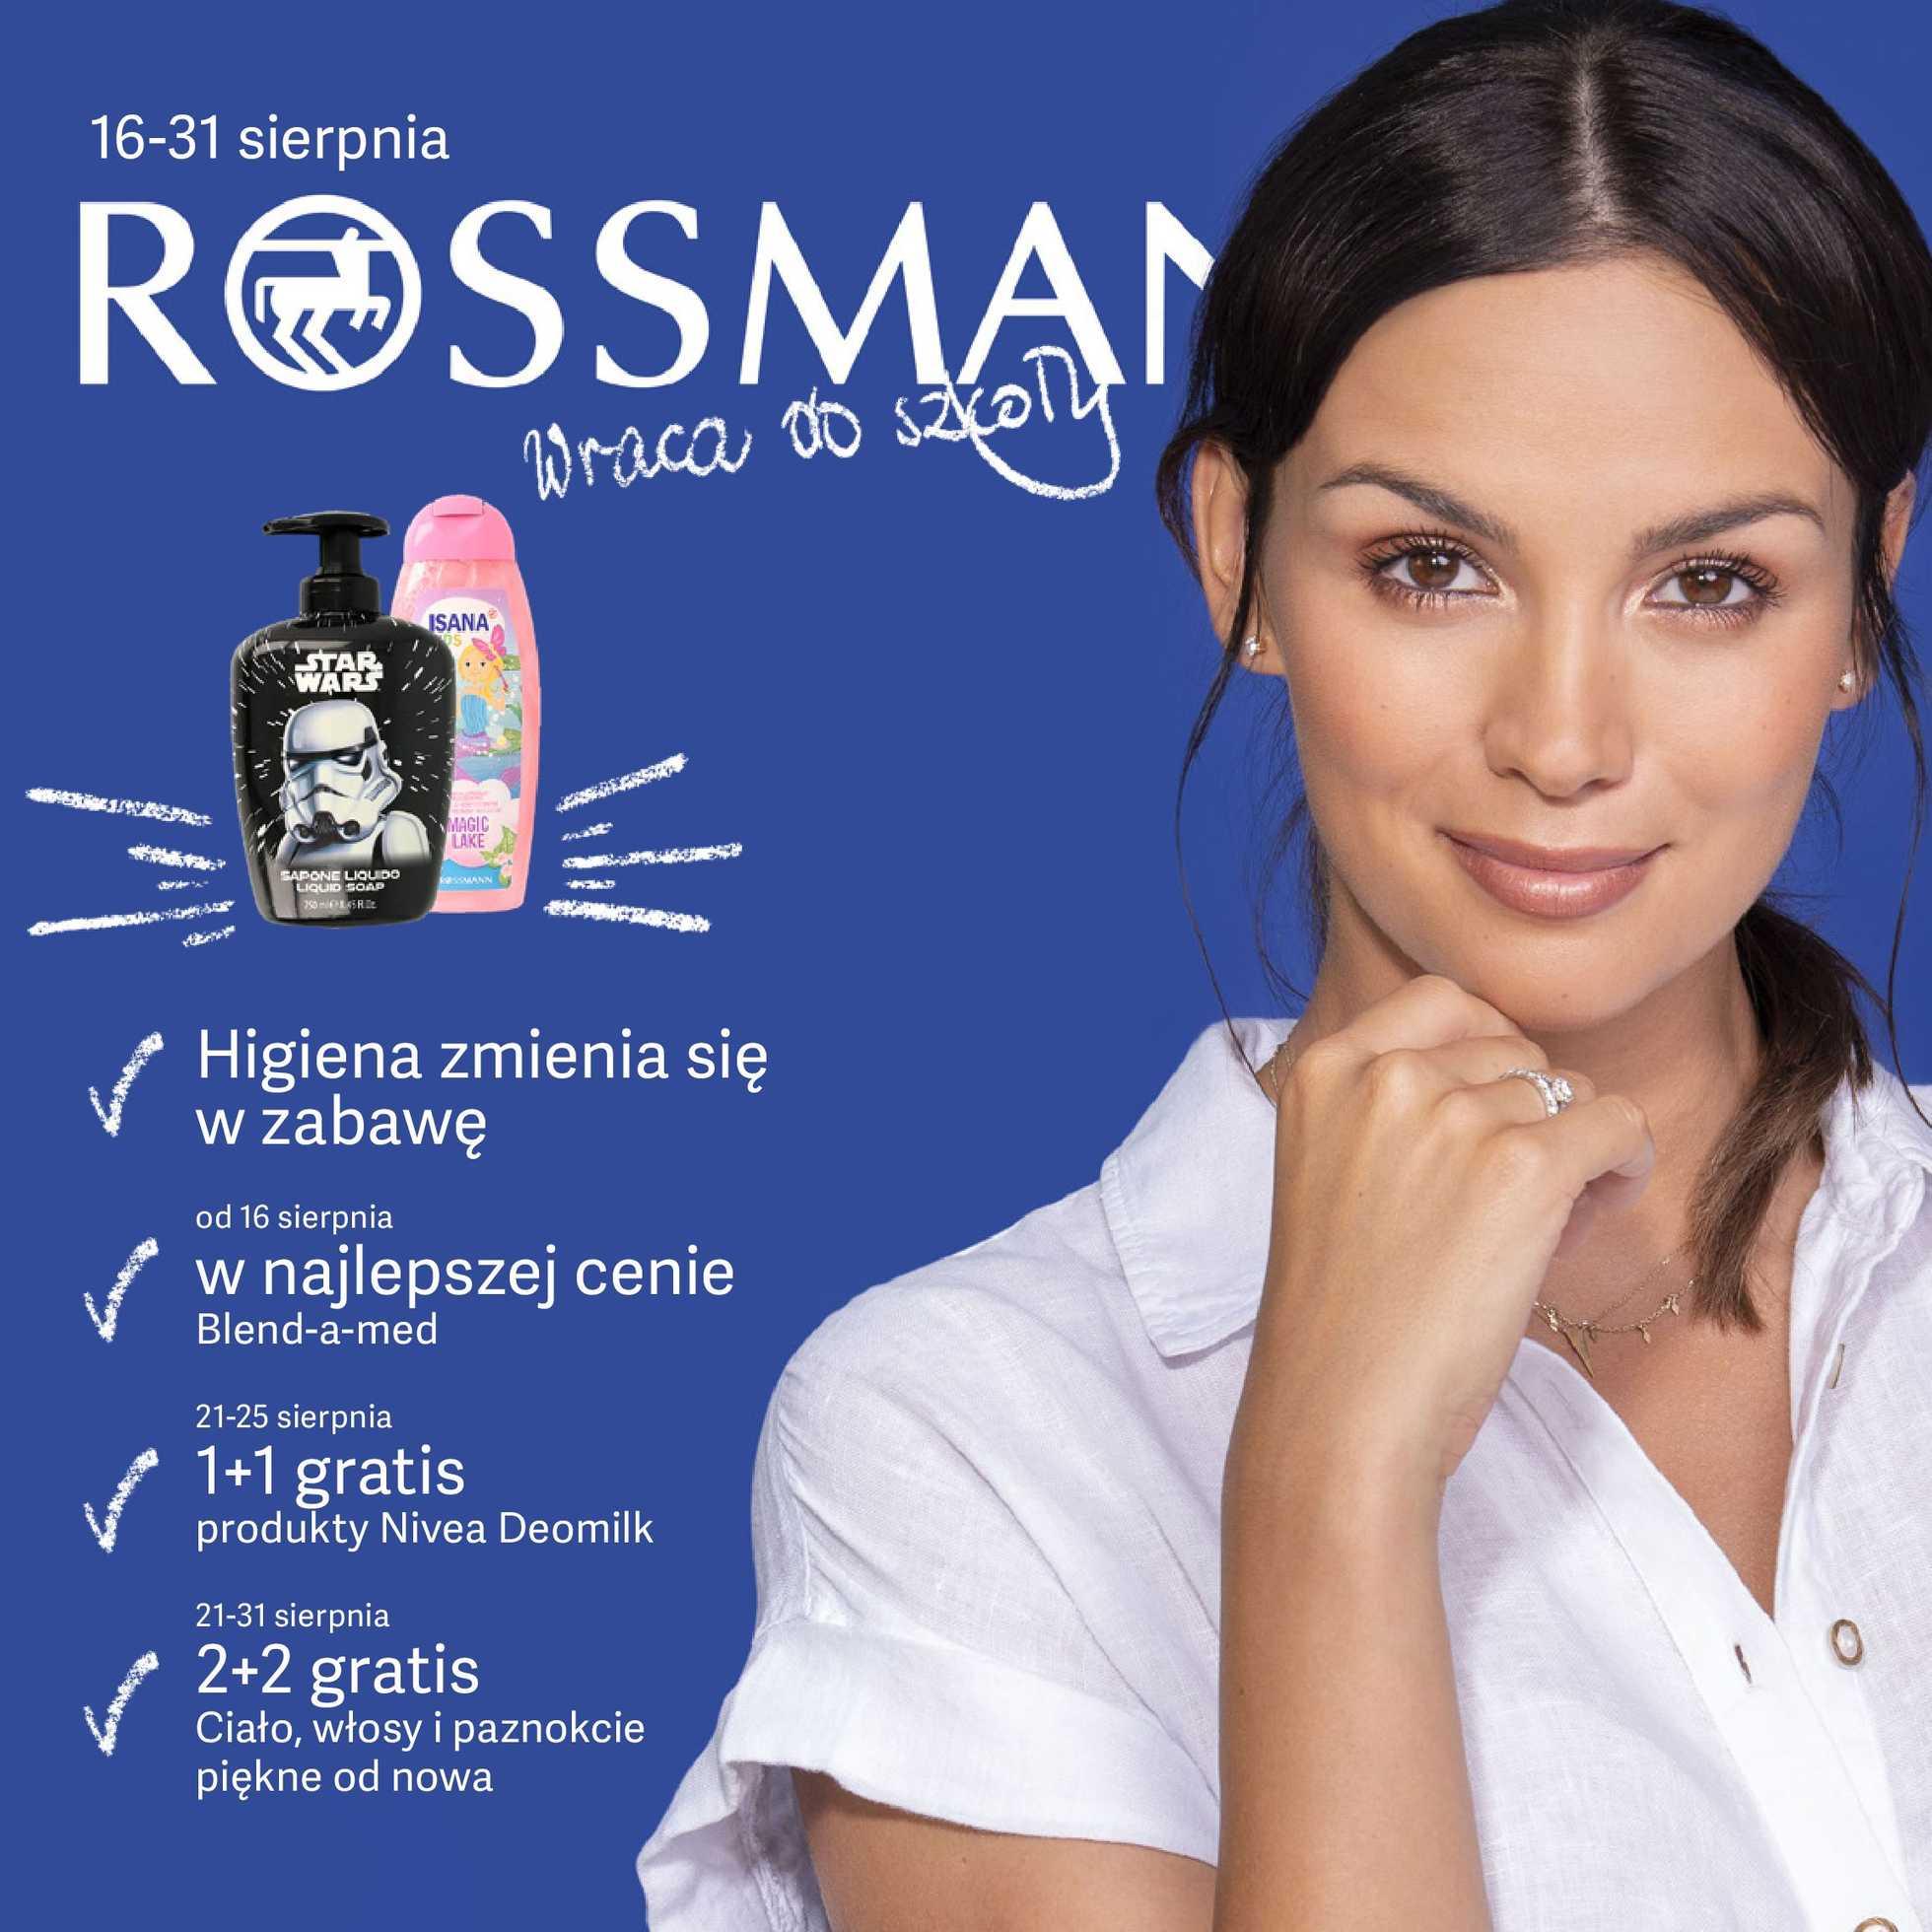 Rossmann - gazetka promocyjna ważna od 16.08.2019 do 31.08.2019 - strona 1.